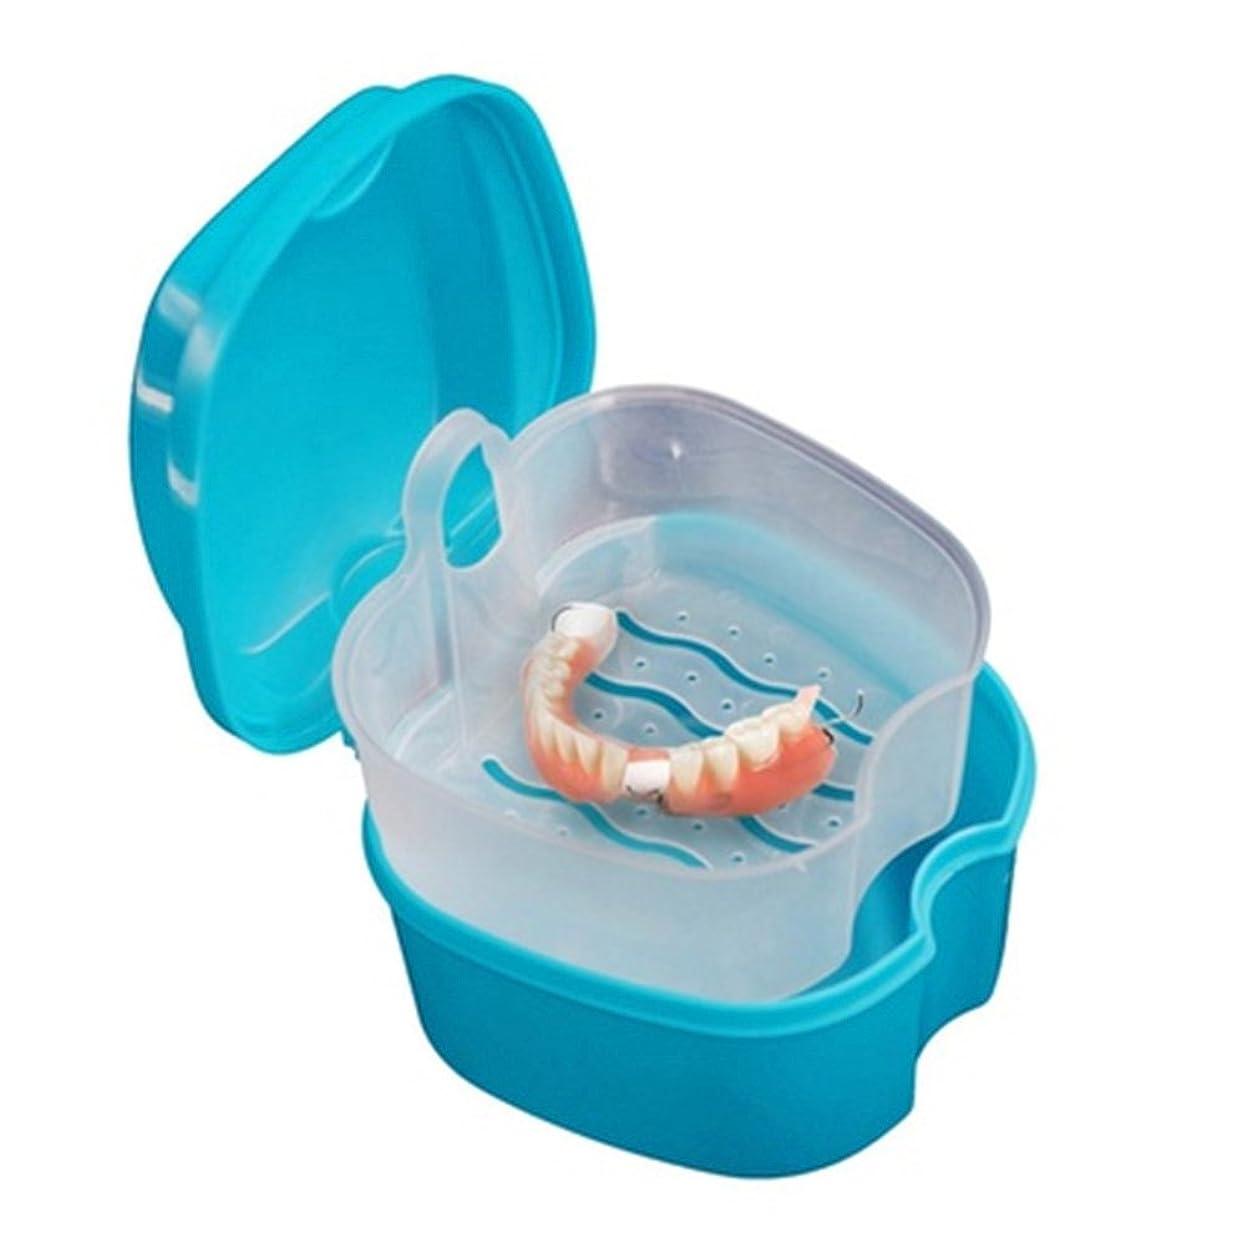 住所悪意月曜Cozyrom ネット付き 抗菌加工 乳歯 入れ歯収納ケース 容器 ボック 使いやすい